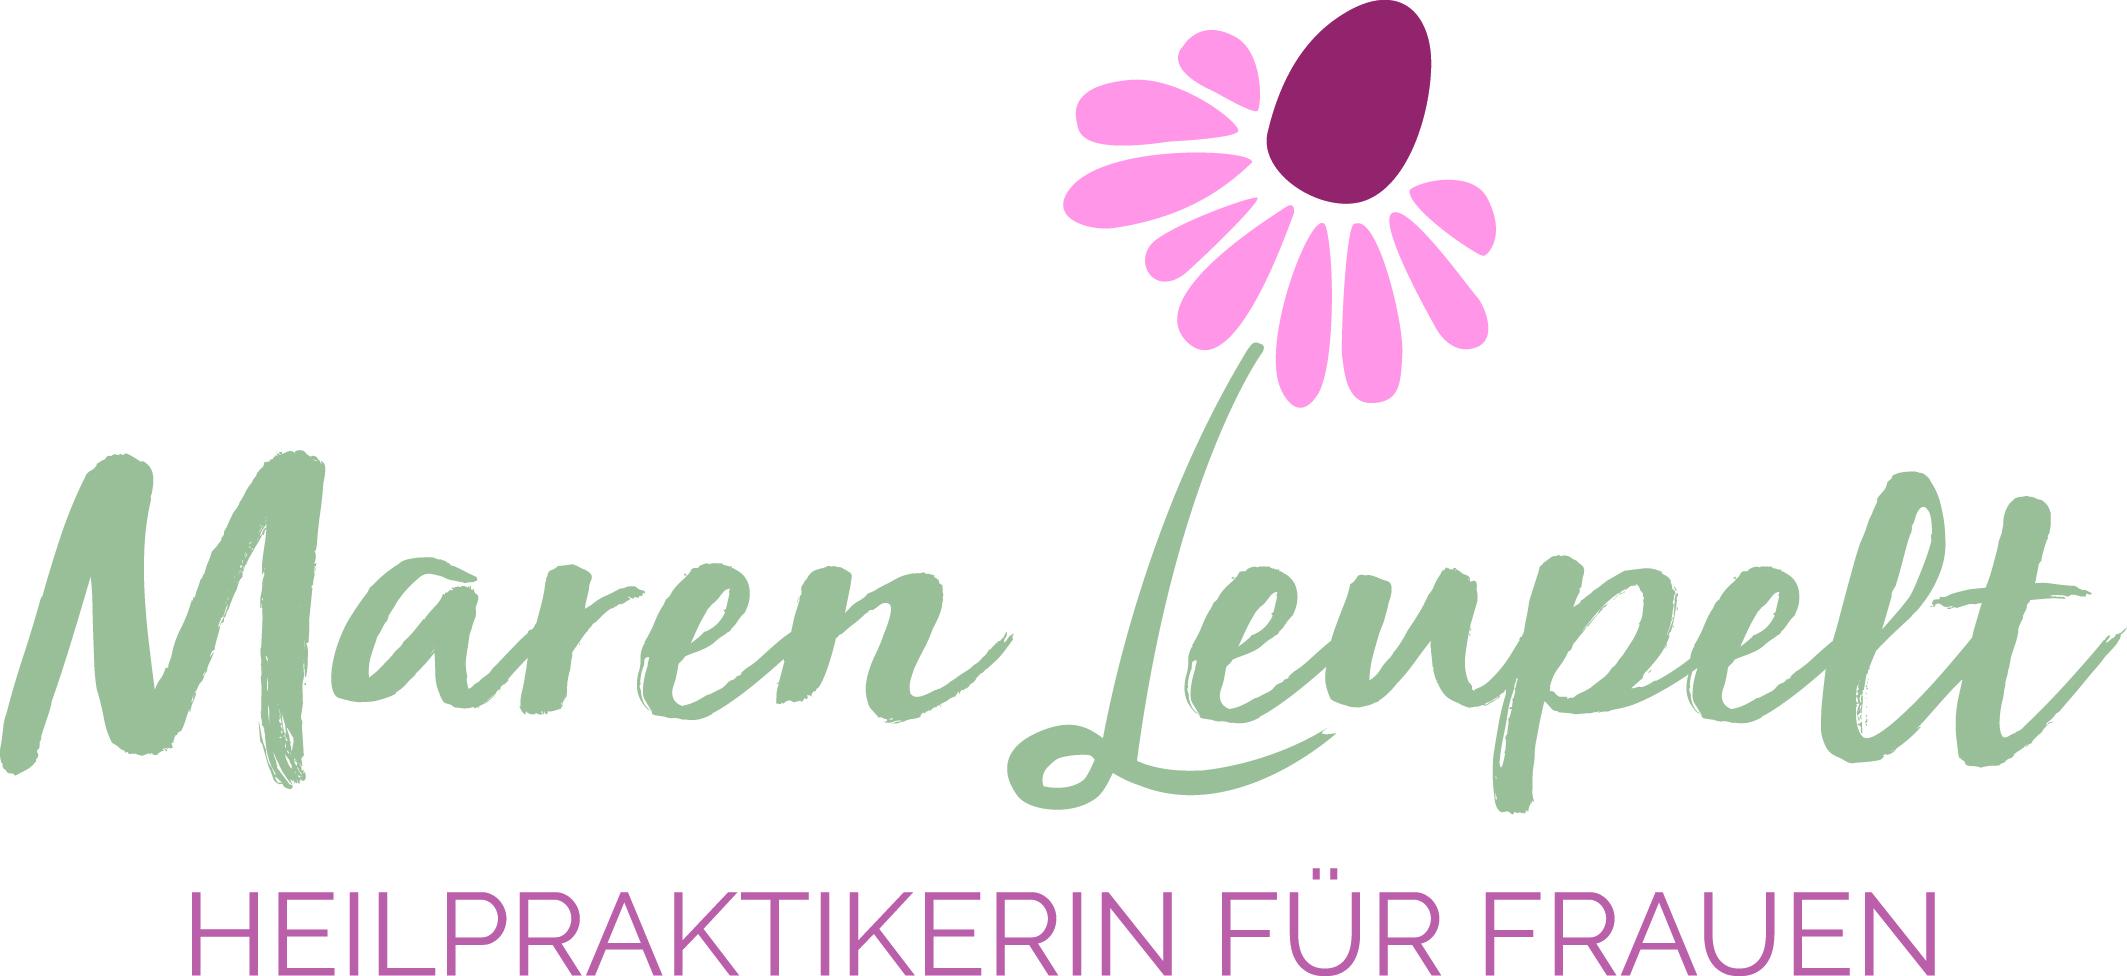 Maren Leupelt Heilpraktikerin für Frauen